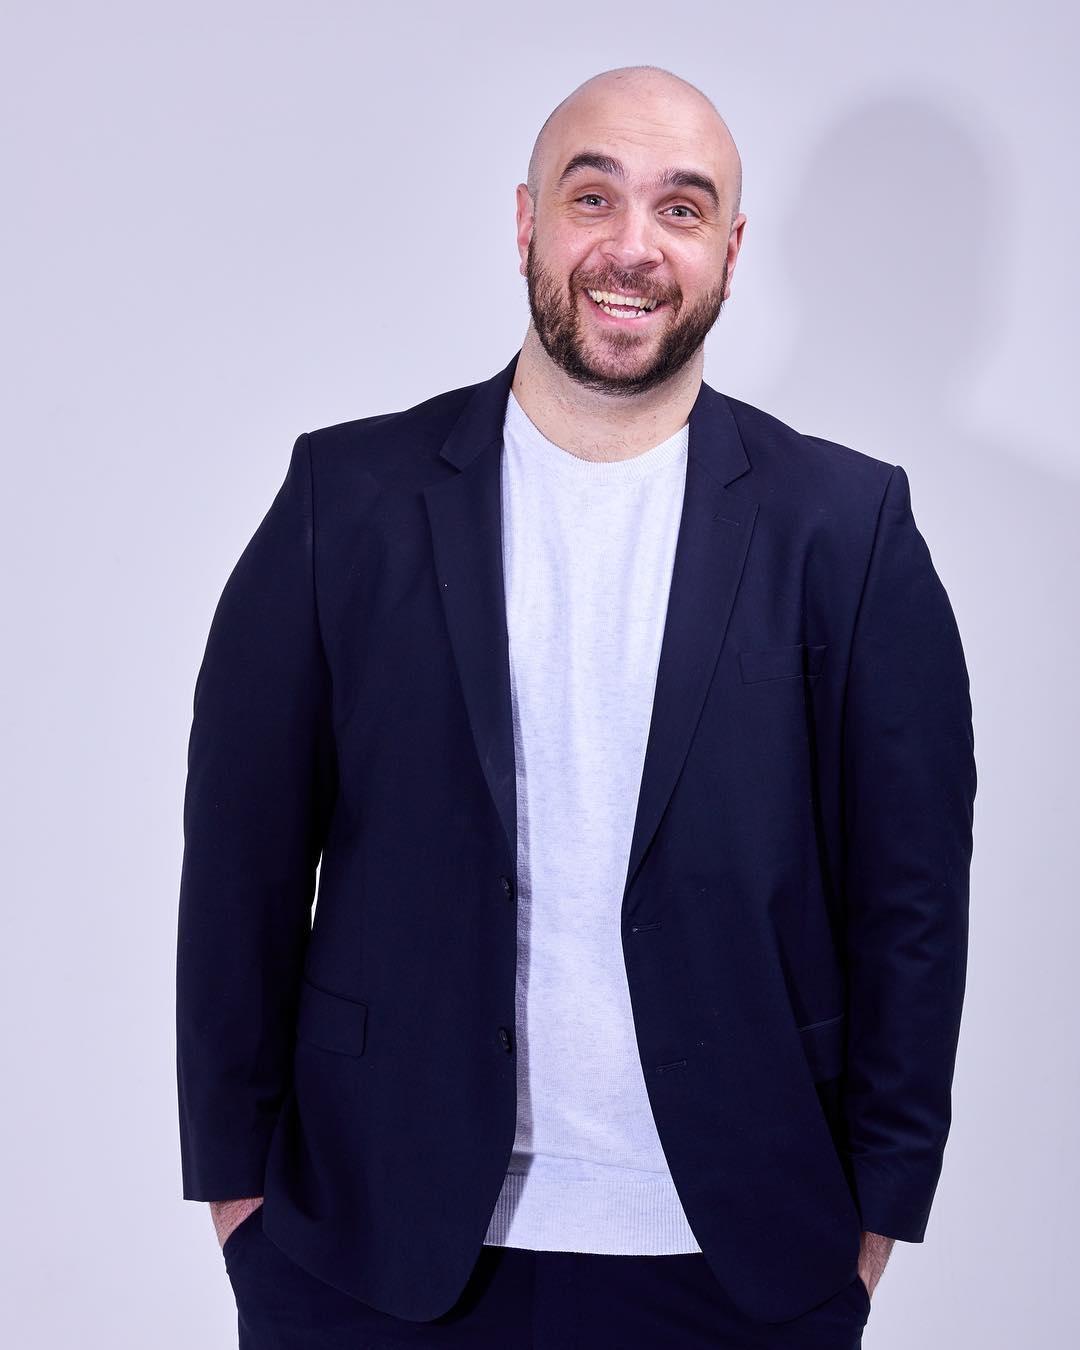 Глеб Жемчугов сбежал с проекта «Дом-2» после того как решил жениться на Анастасии Роинашвили